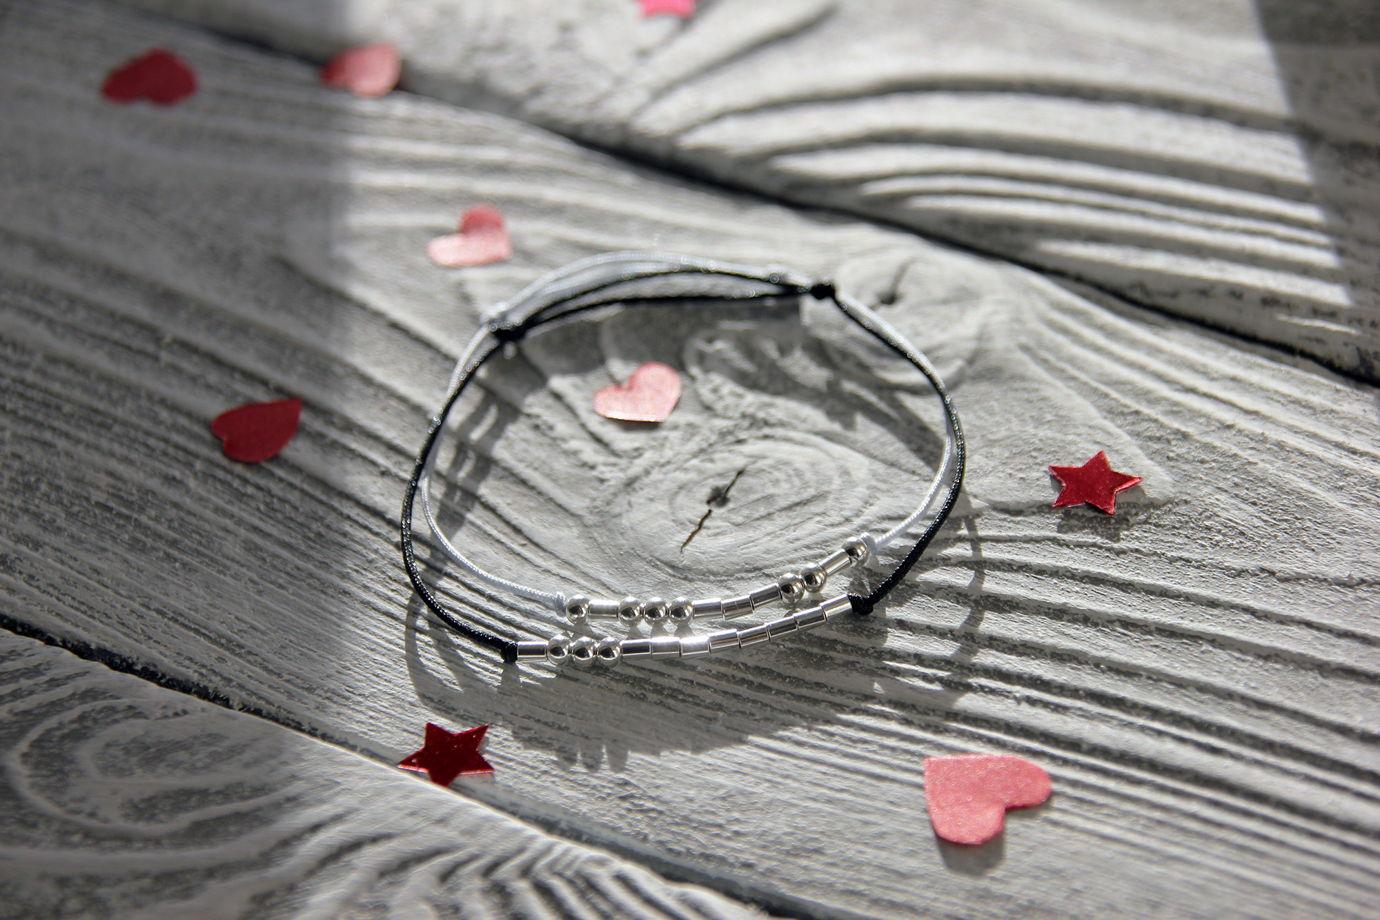 Парные браслеты с вашими именами на азбуке Морзе